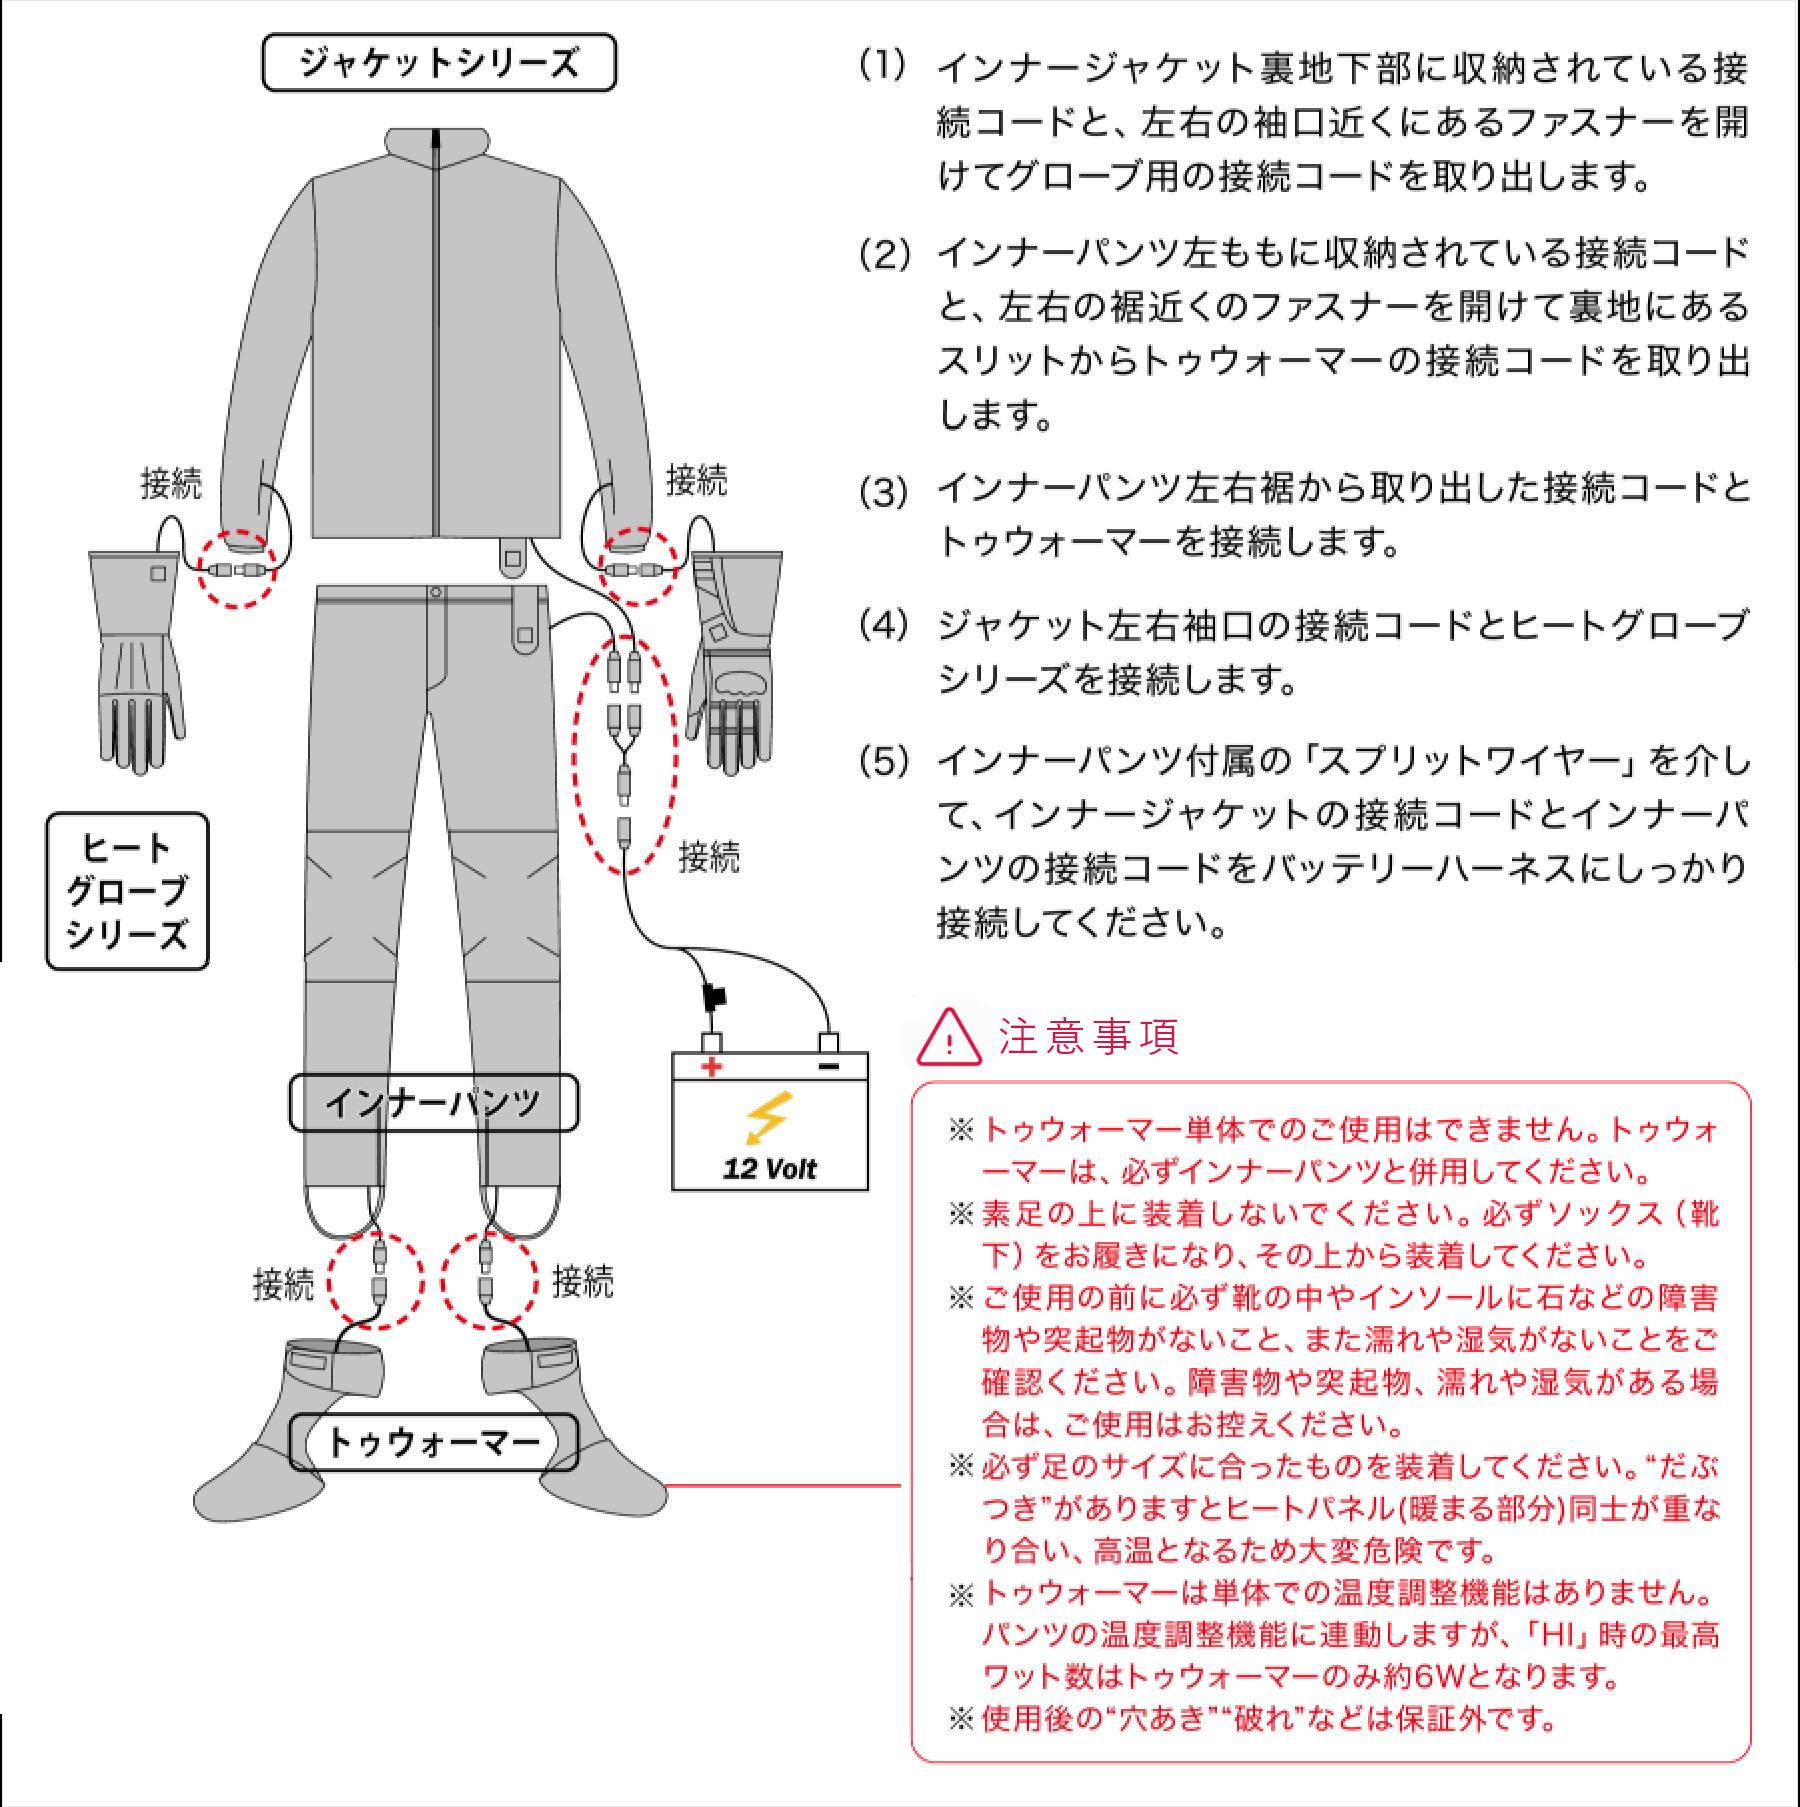 図:ジェケットシリーズ